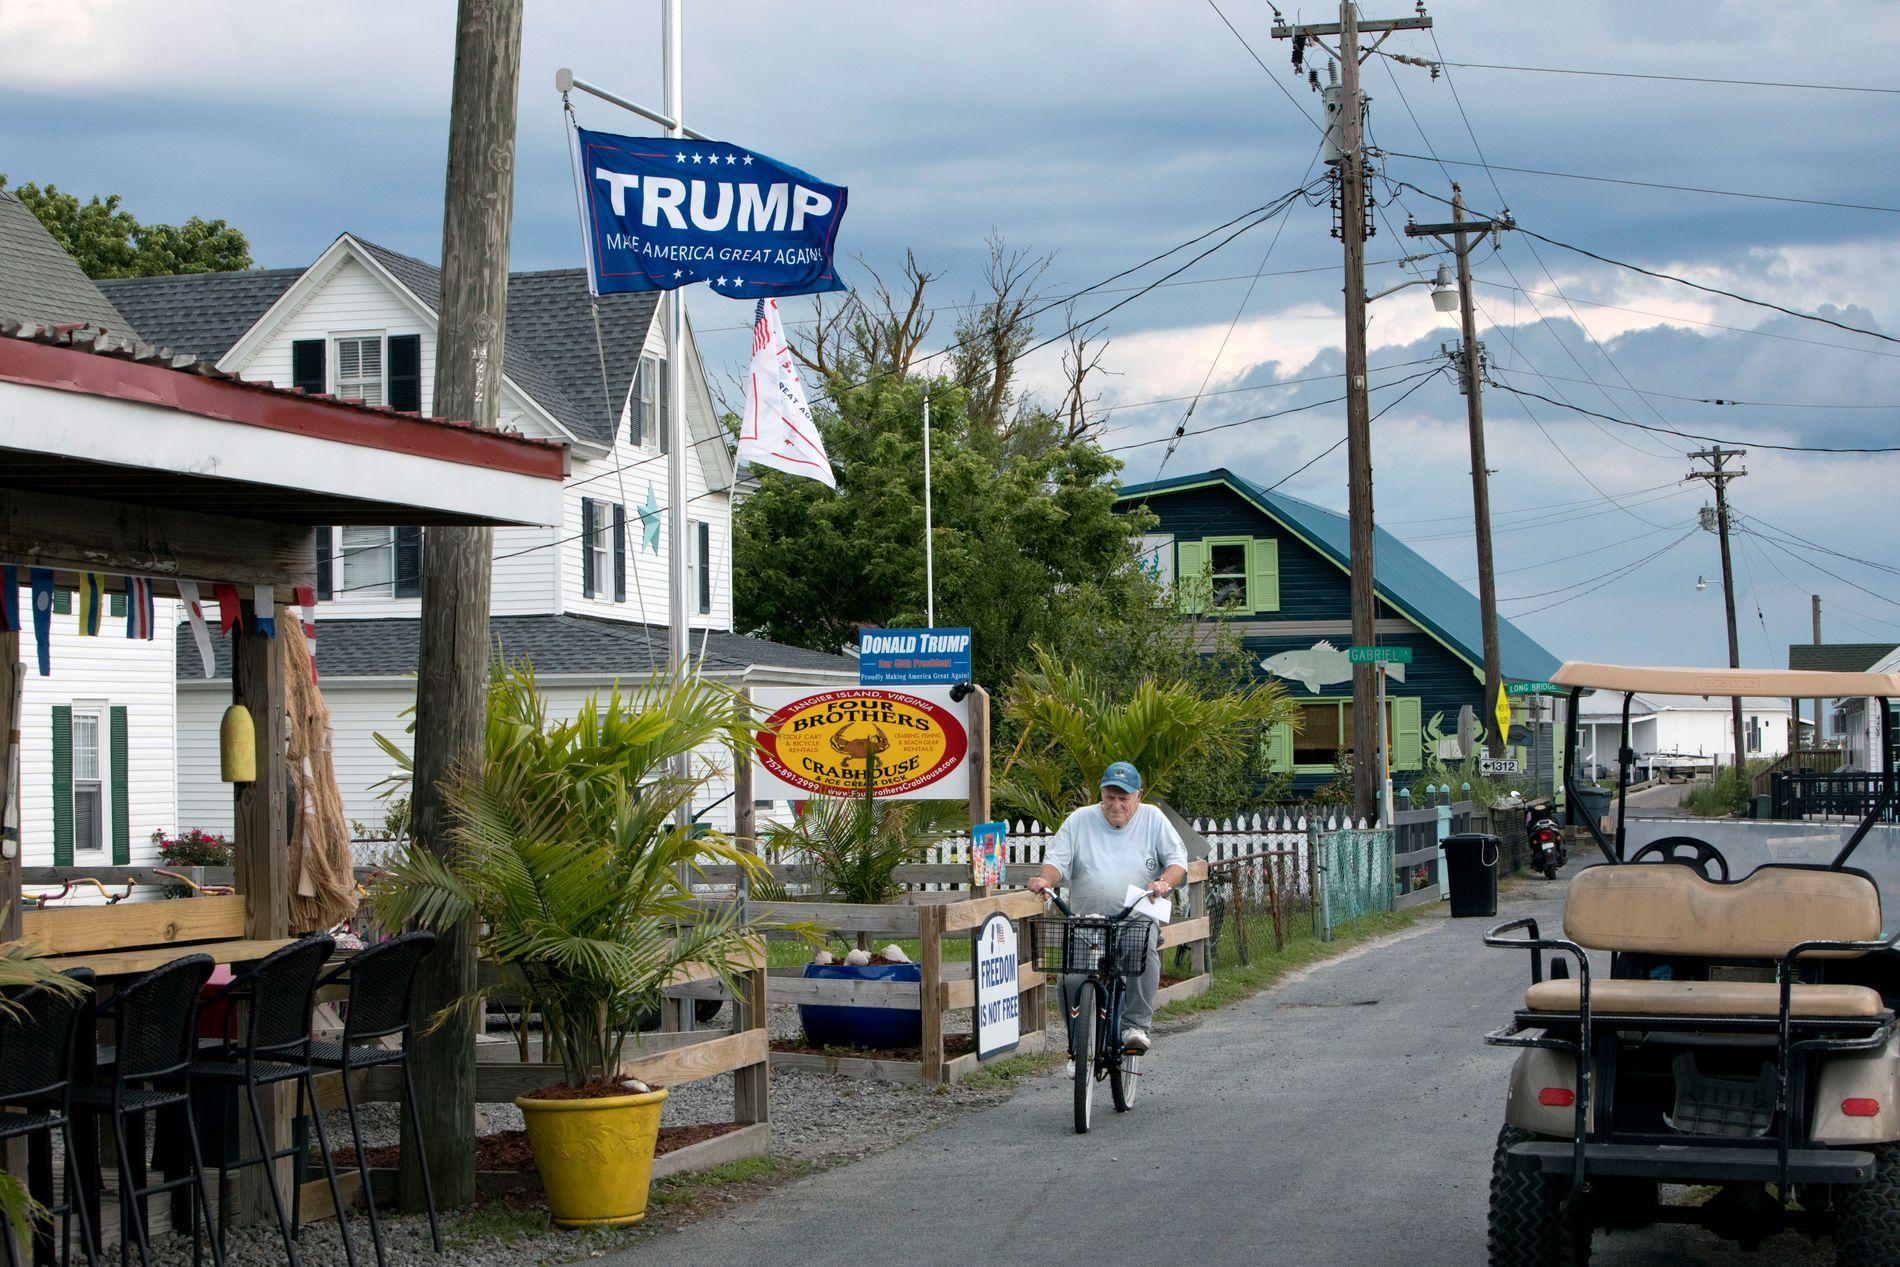 LITE STED: Tangier Island har knapt biler. Golfbiler, sykler og scootere er det derimot mange av. Presidenten er populær og utenfor Four Brothers Crabhouse henger et Donald Trump-flagg.